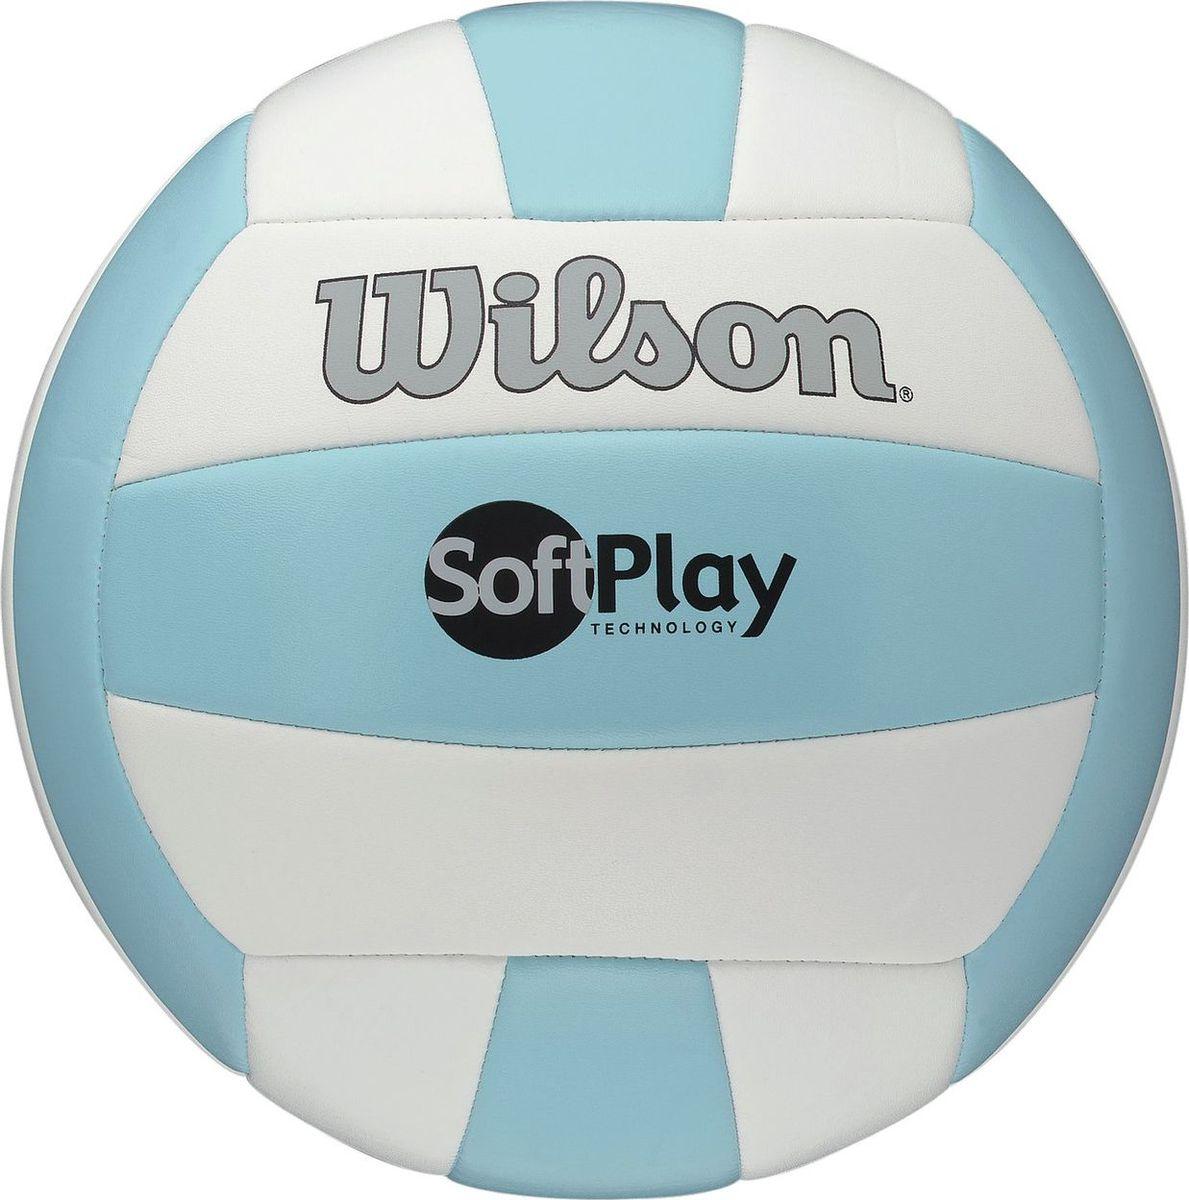 Мяч волейбольный Wilson Soft Play, цвет: красный, белый120330_black/whiteМеханически сшитая мягкая констуркция мяча с синтетическим покрытием. Серебряный логотип Wilson, износоустойчивый.